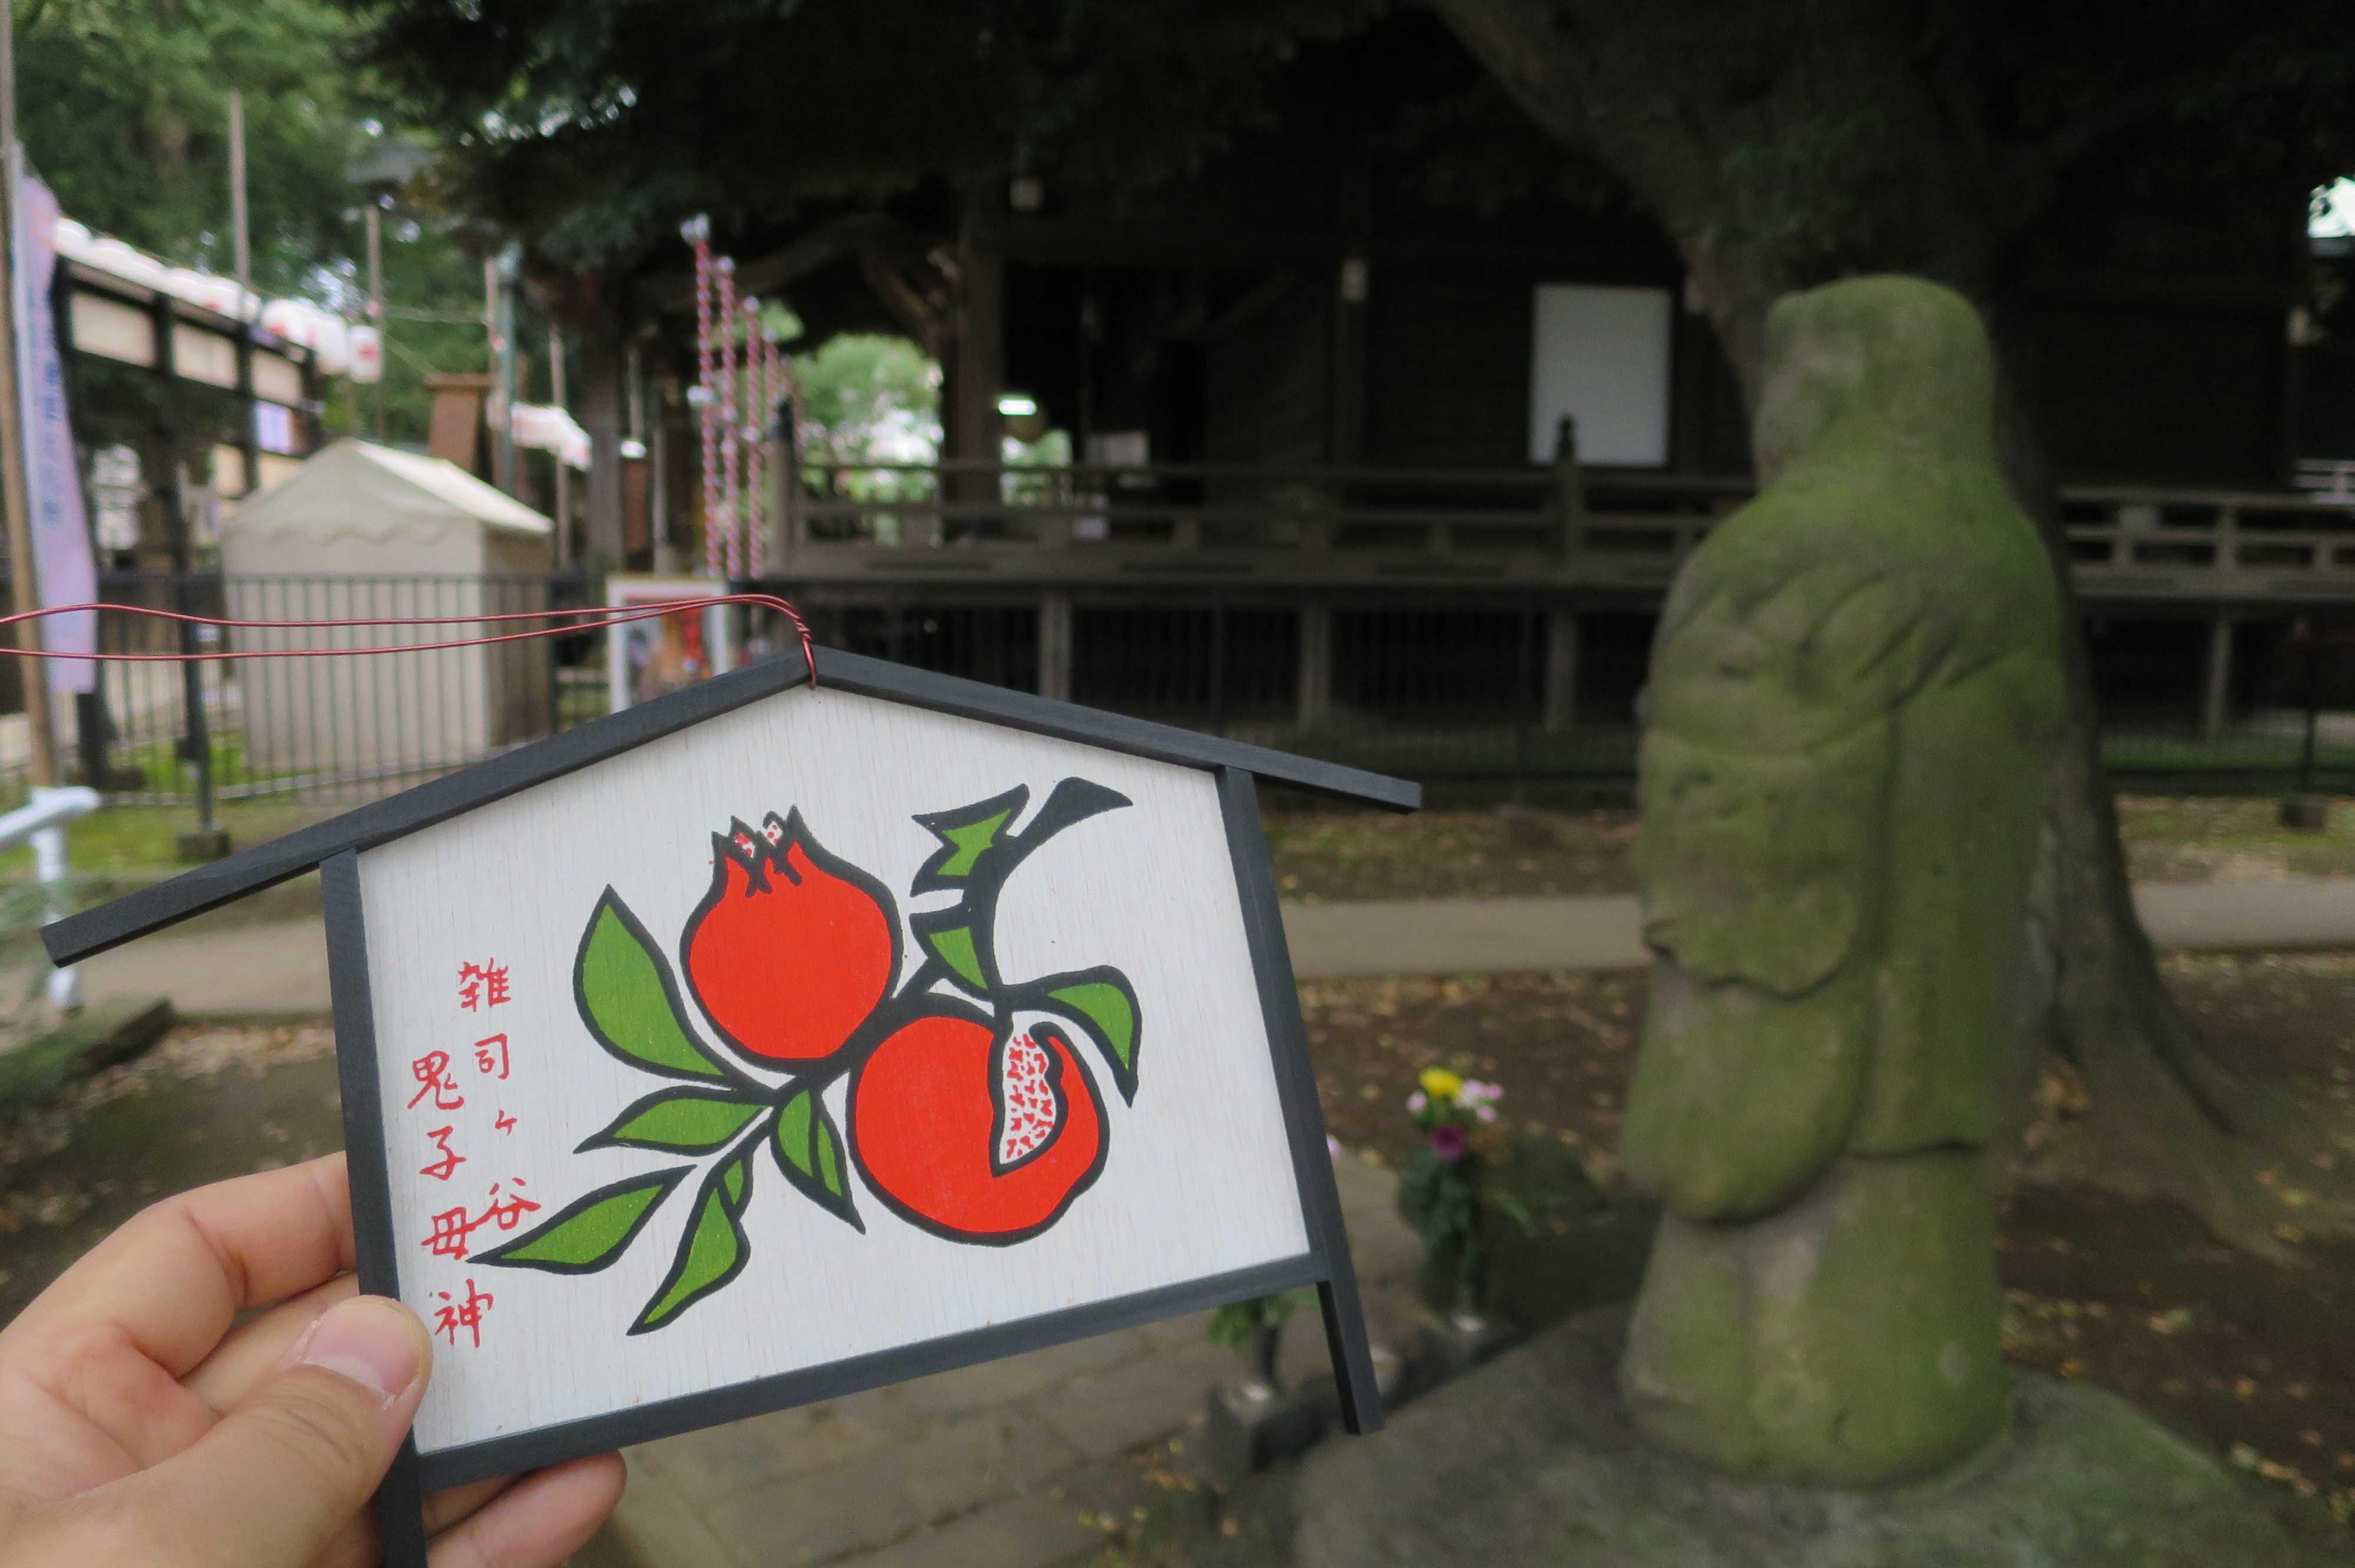 東京 雑司が谷・鬼子母神堂 - 「ざくろ絵馬」と鬼子母神像のうしろ姿